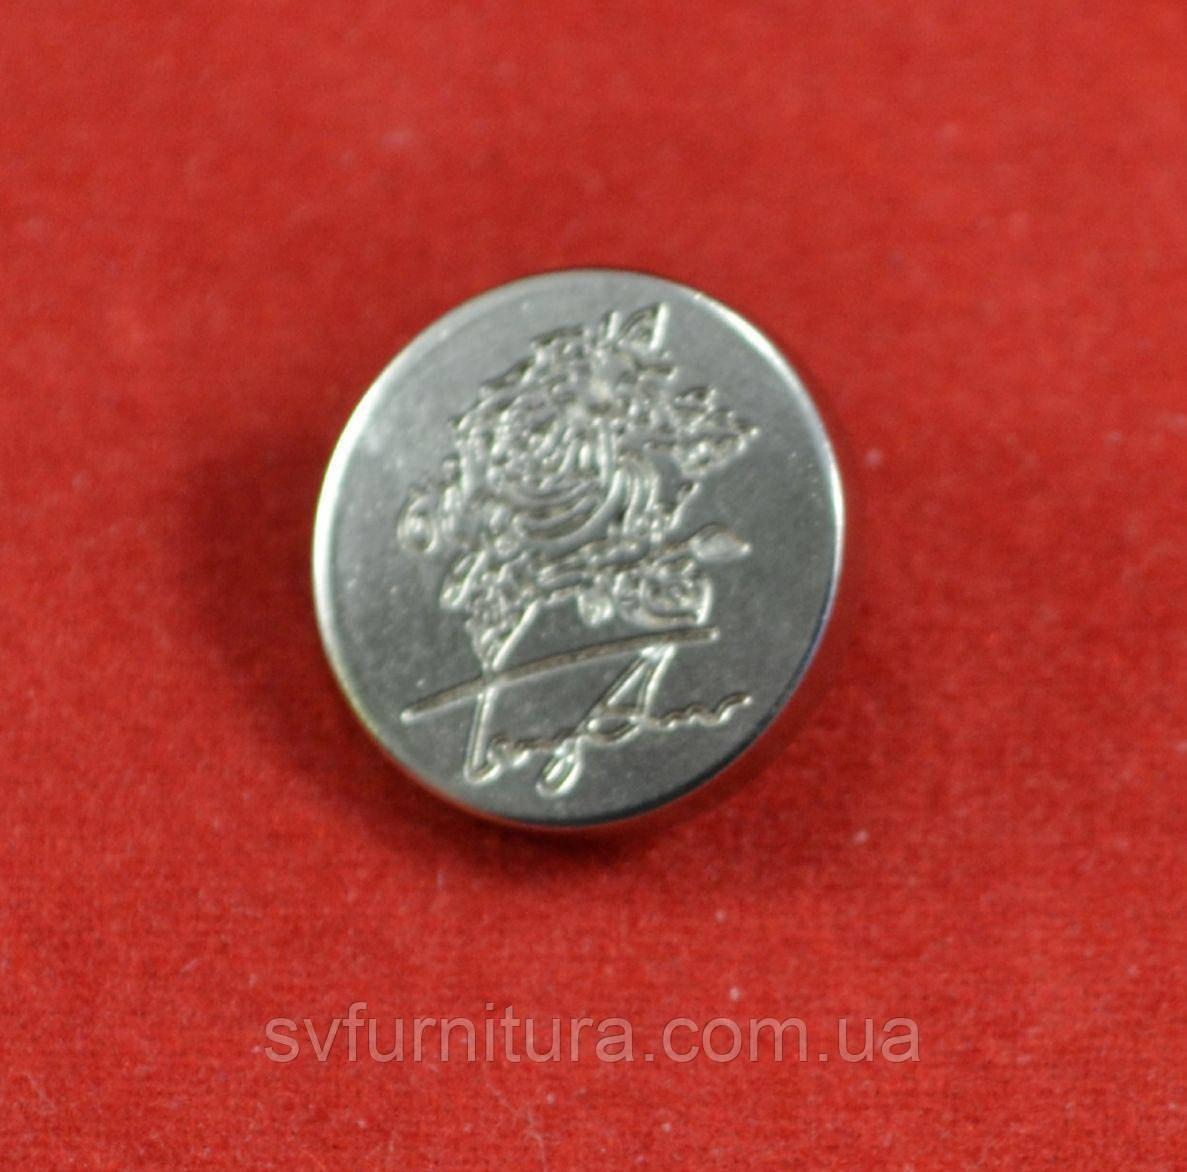 Кнопка А 15197 серебро